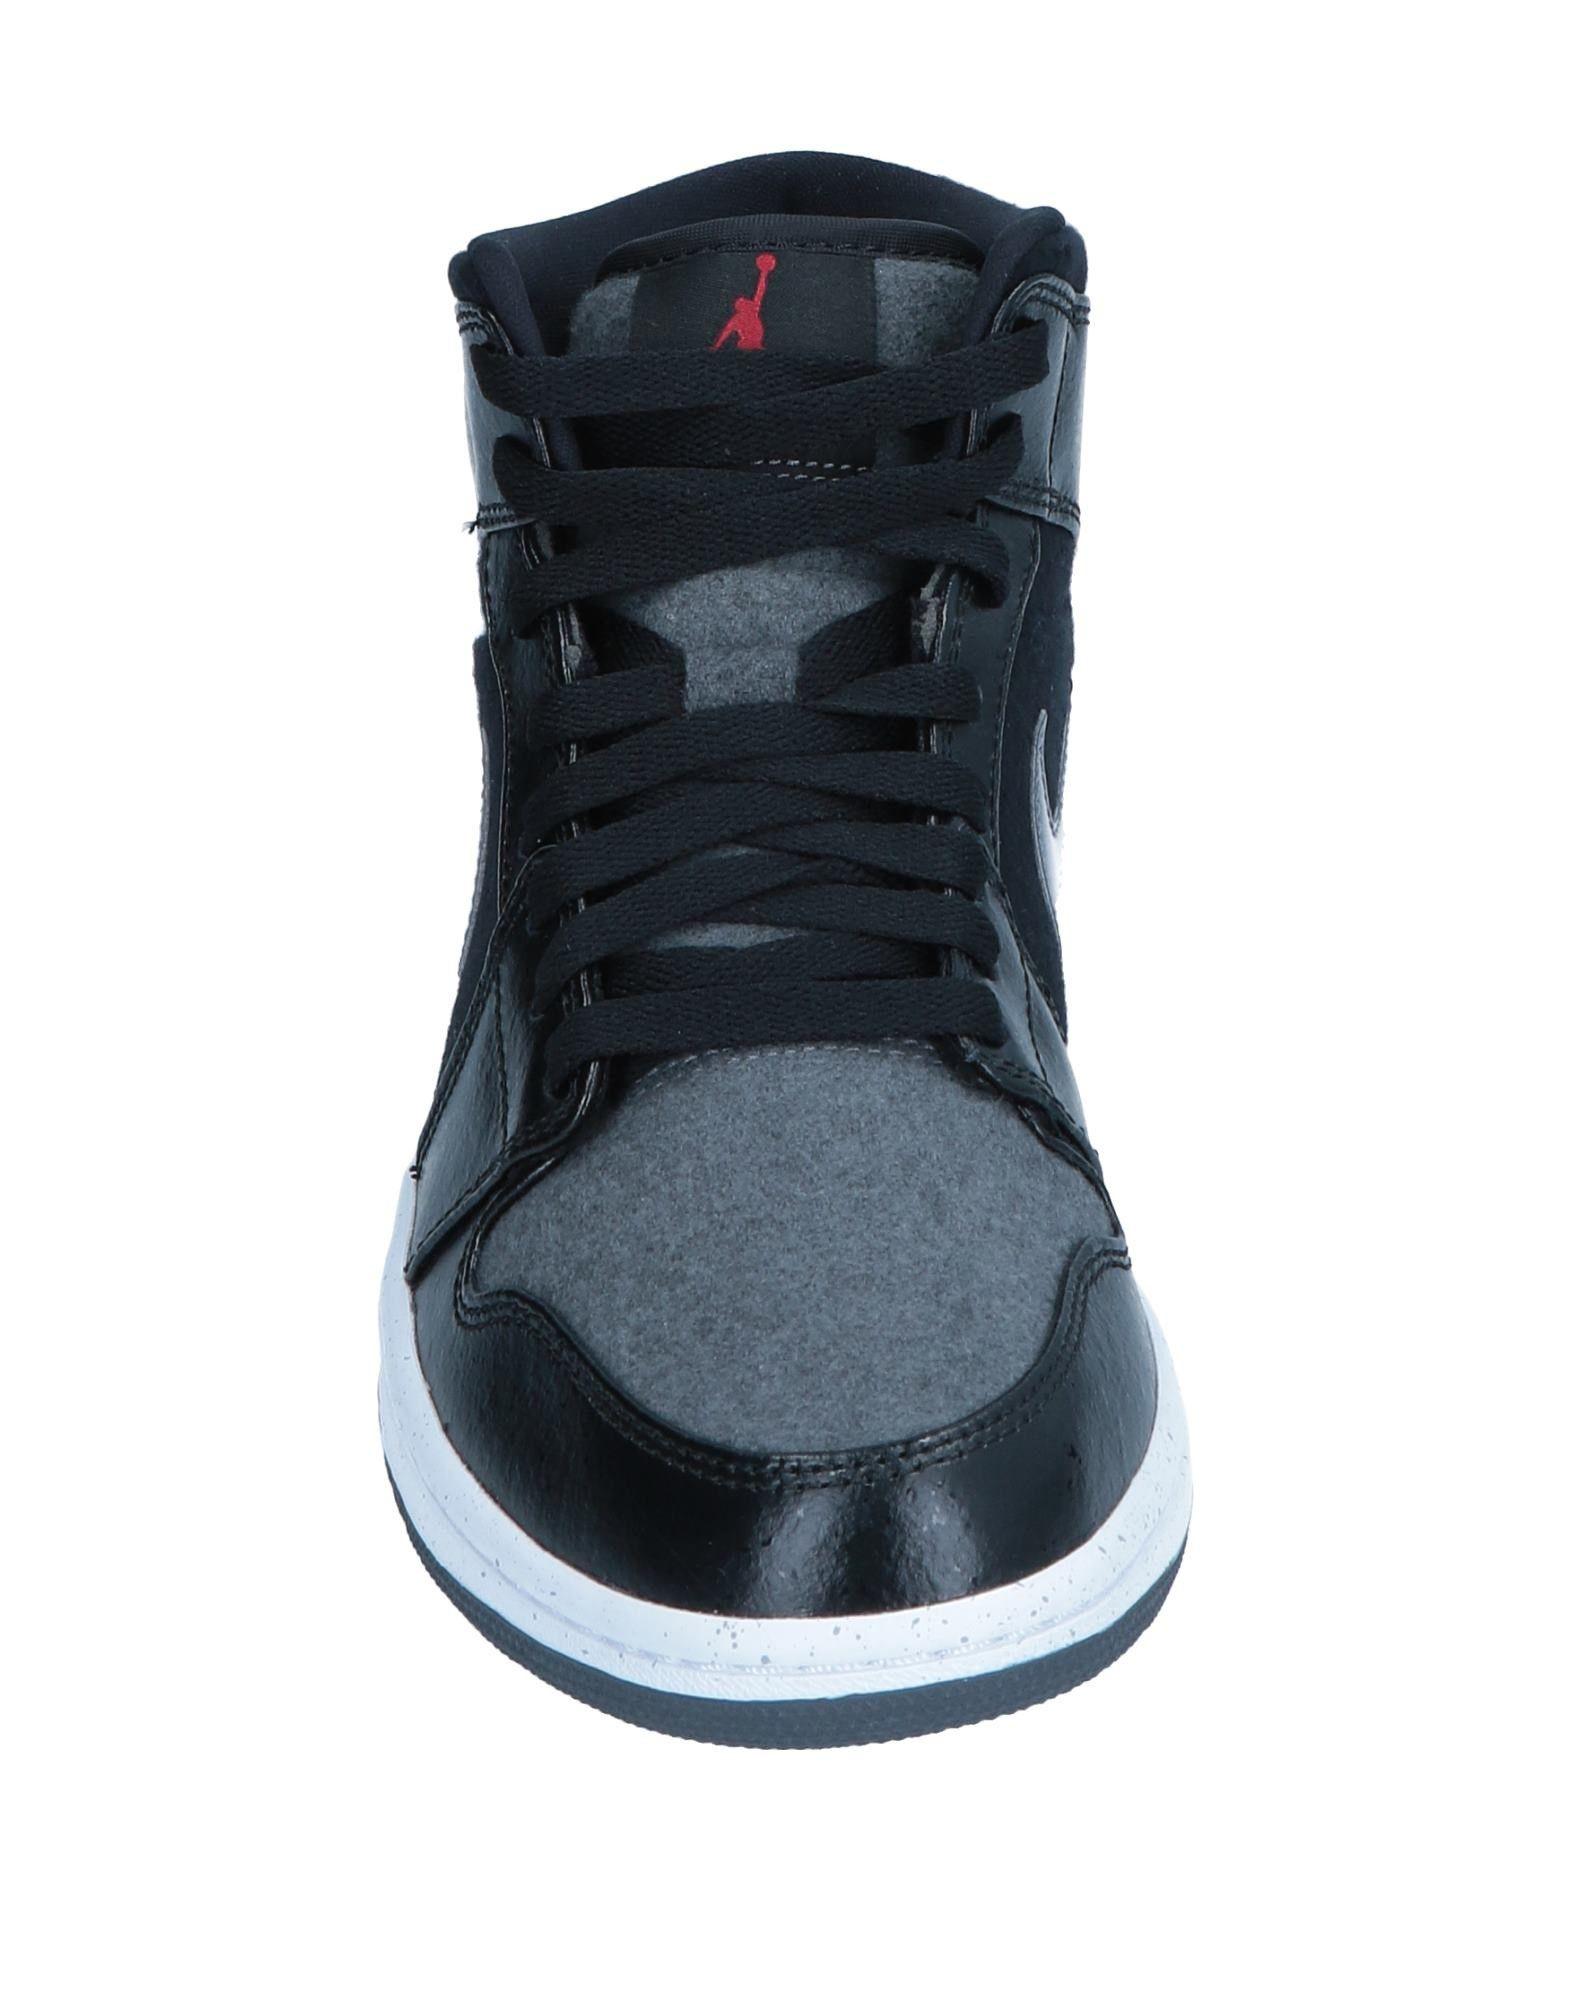 Rabatt Jordan echte Schuhe Jordan Rabatt Sneakers Herren  11552703DT 524d07